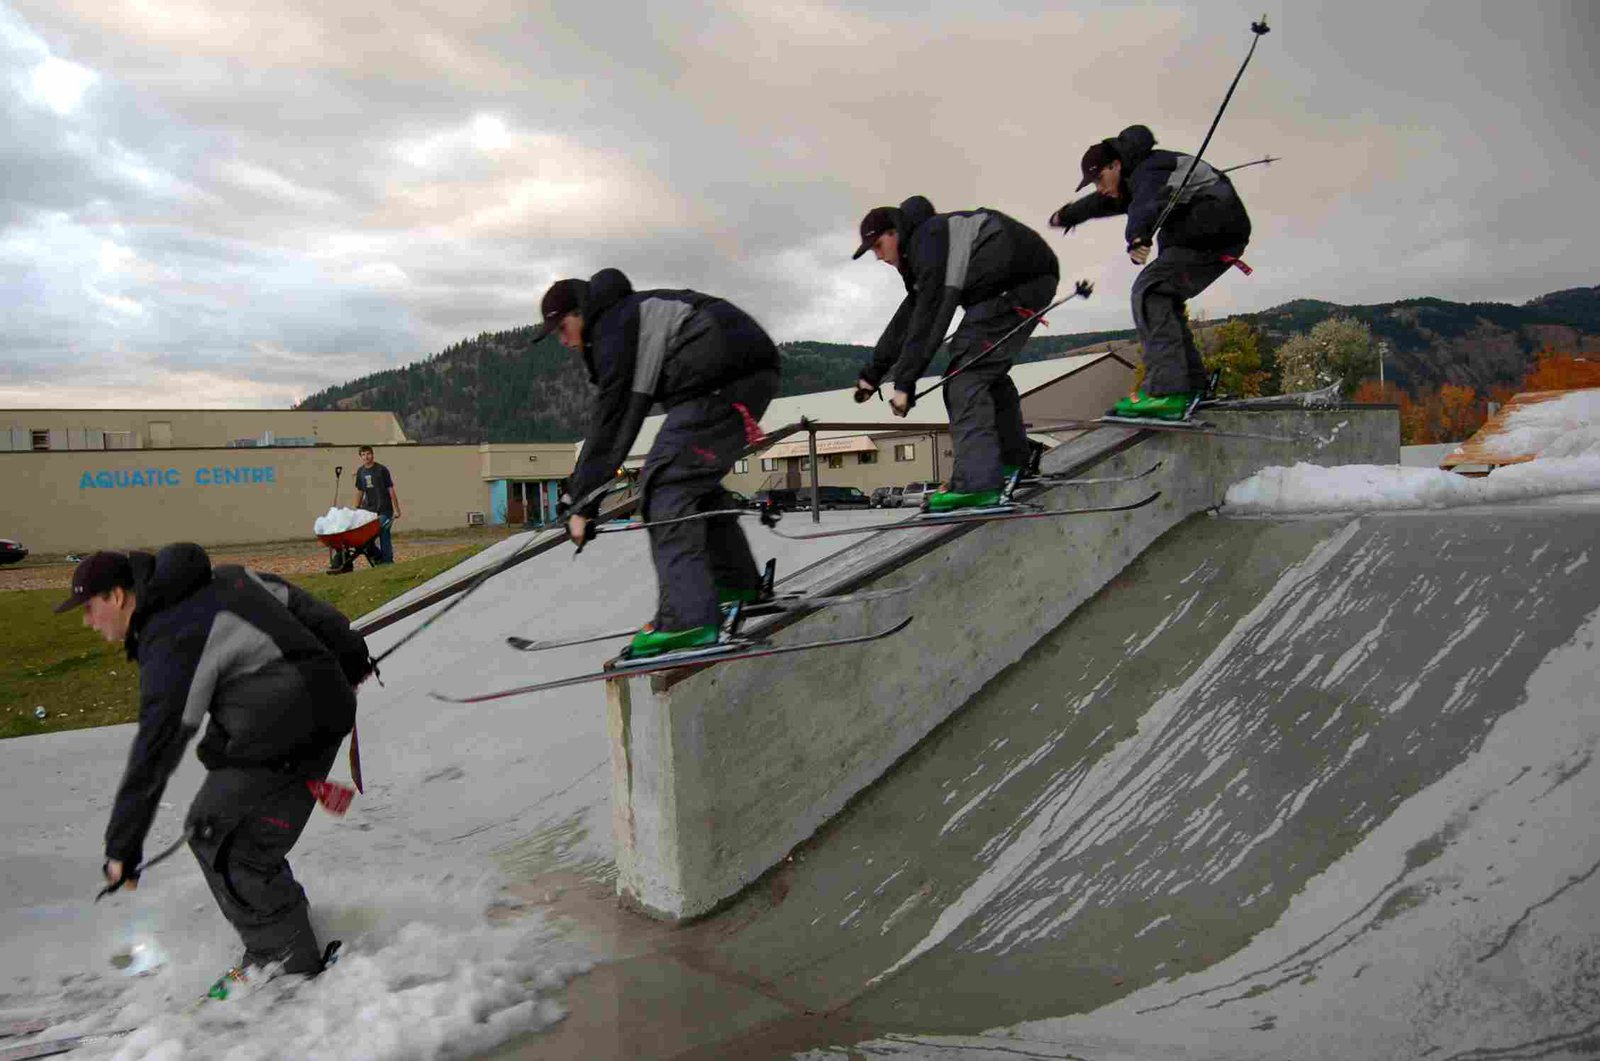 skate park ledge